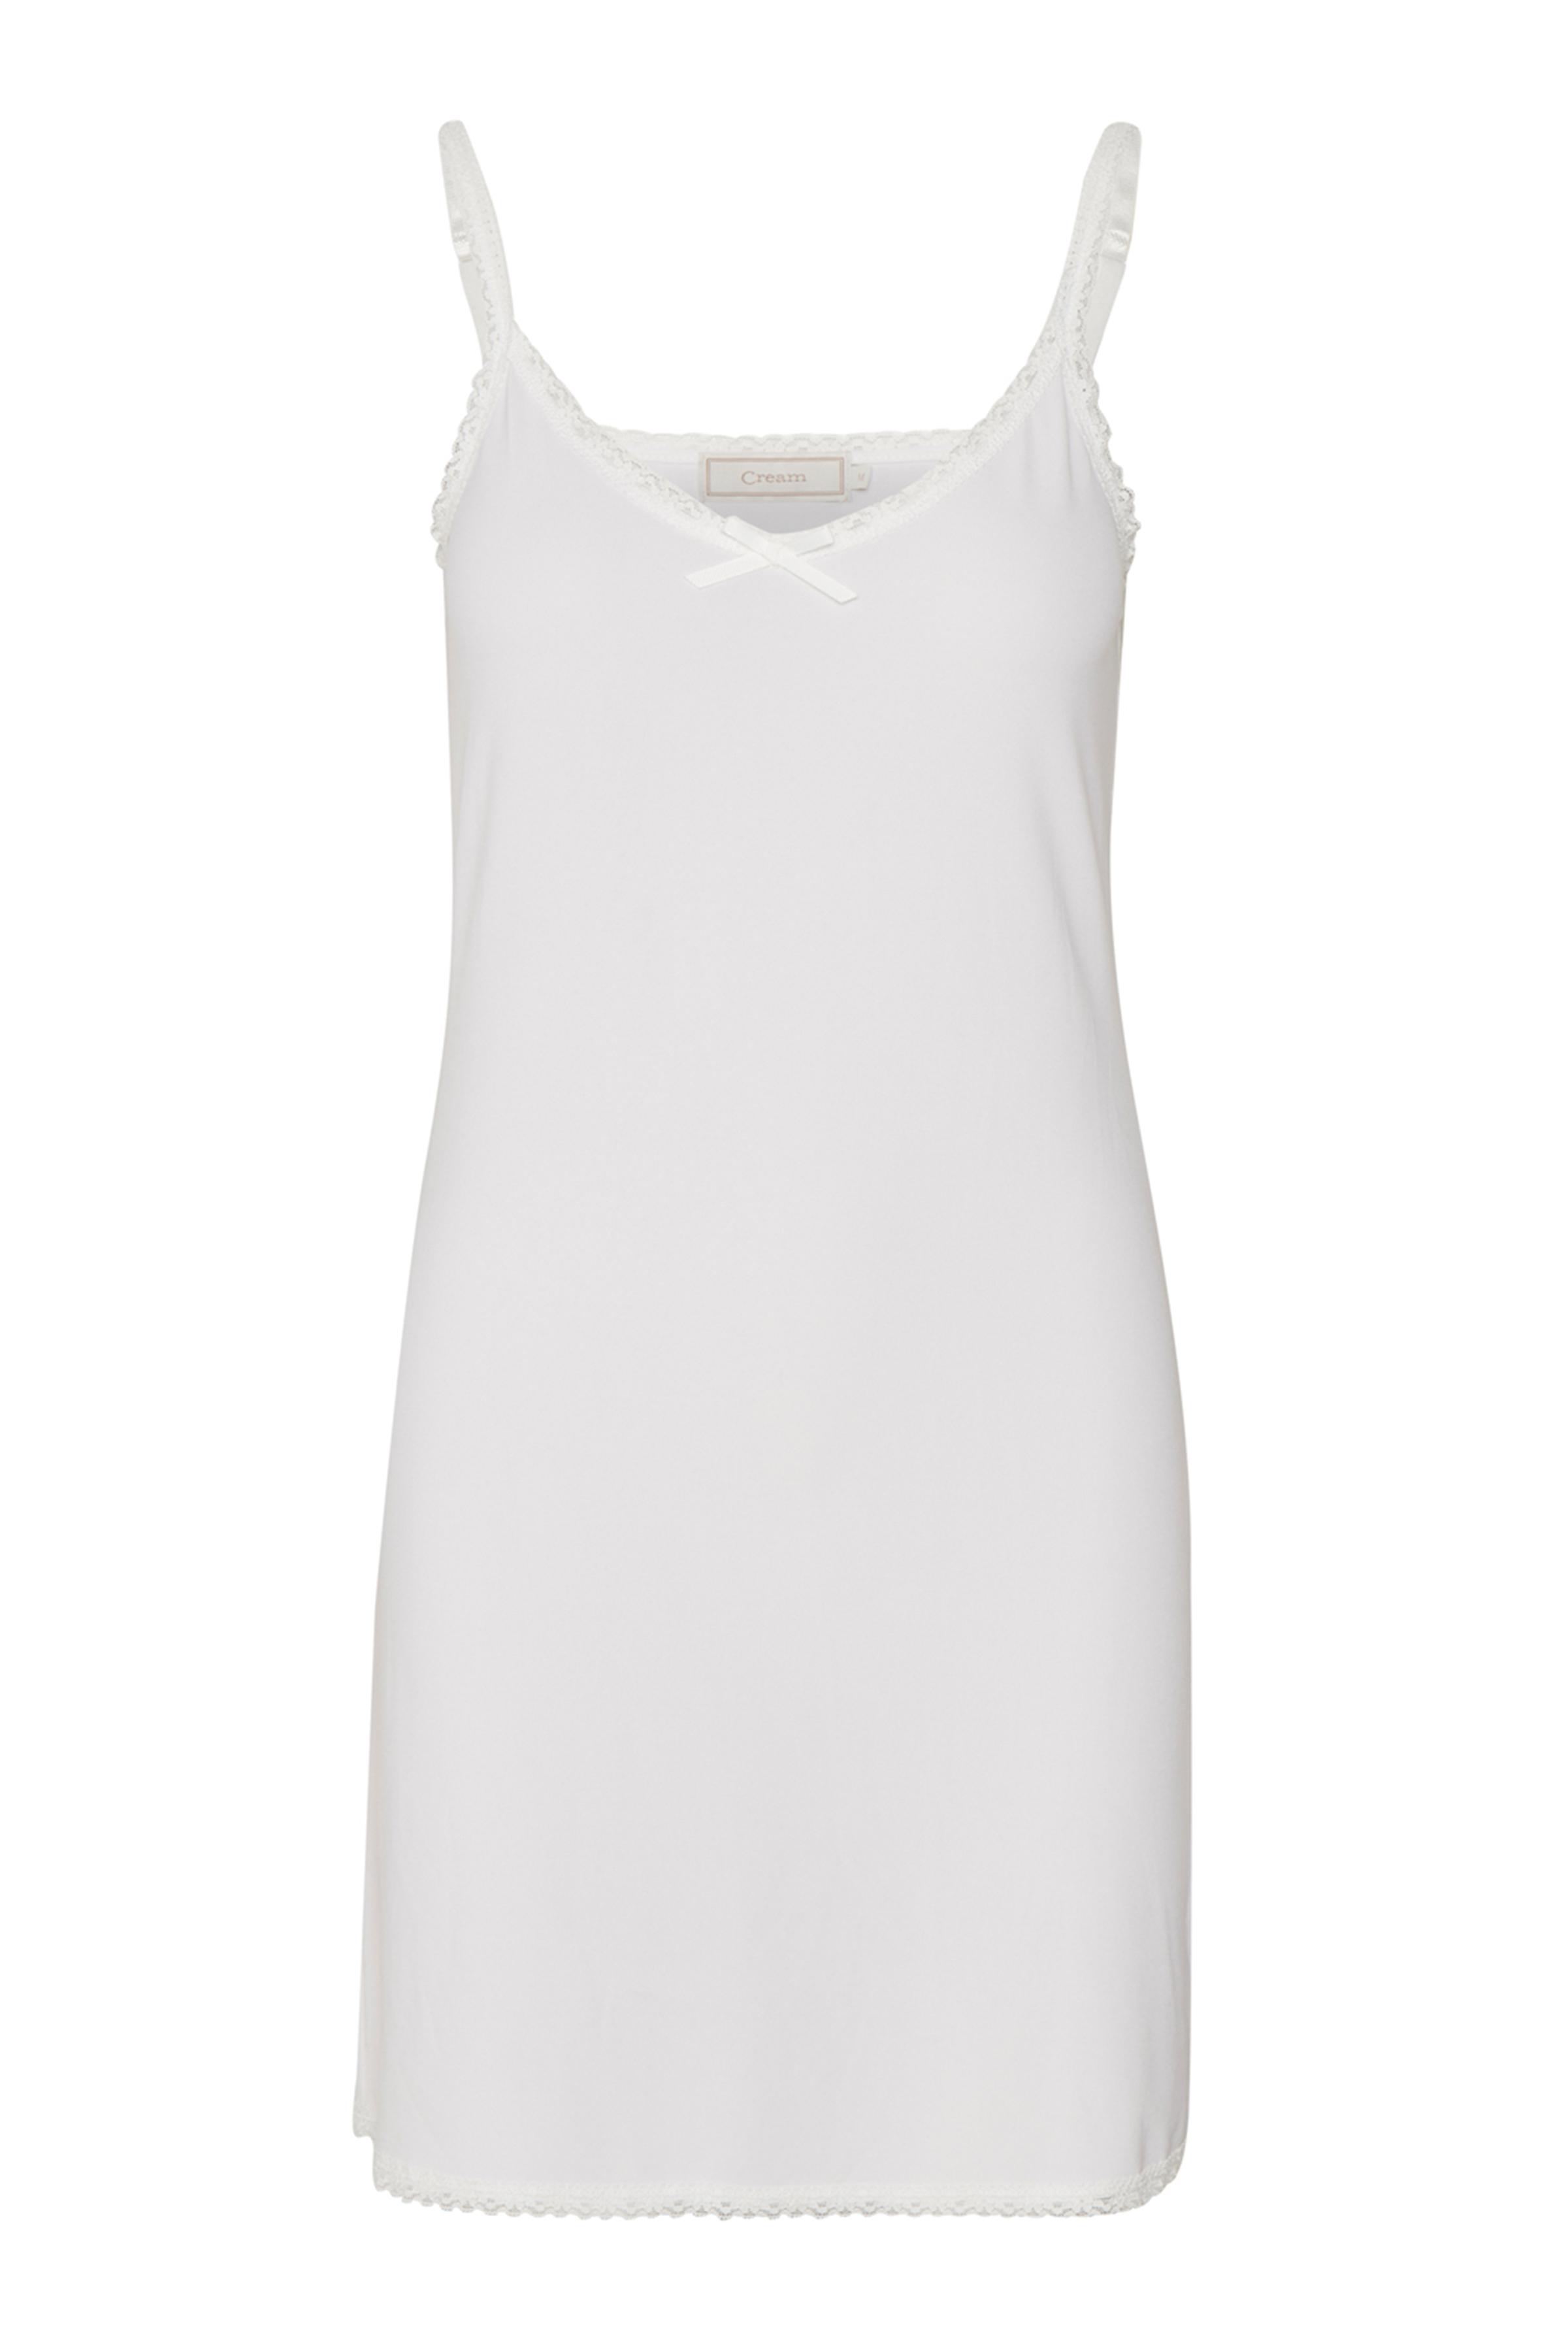 Off-white Klänning från Cream – Köp Off-white Klänning från stl. XS-XXL här